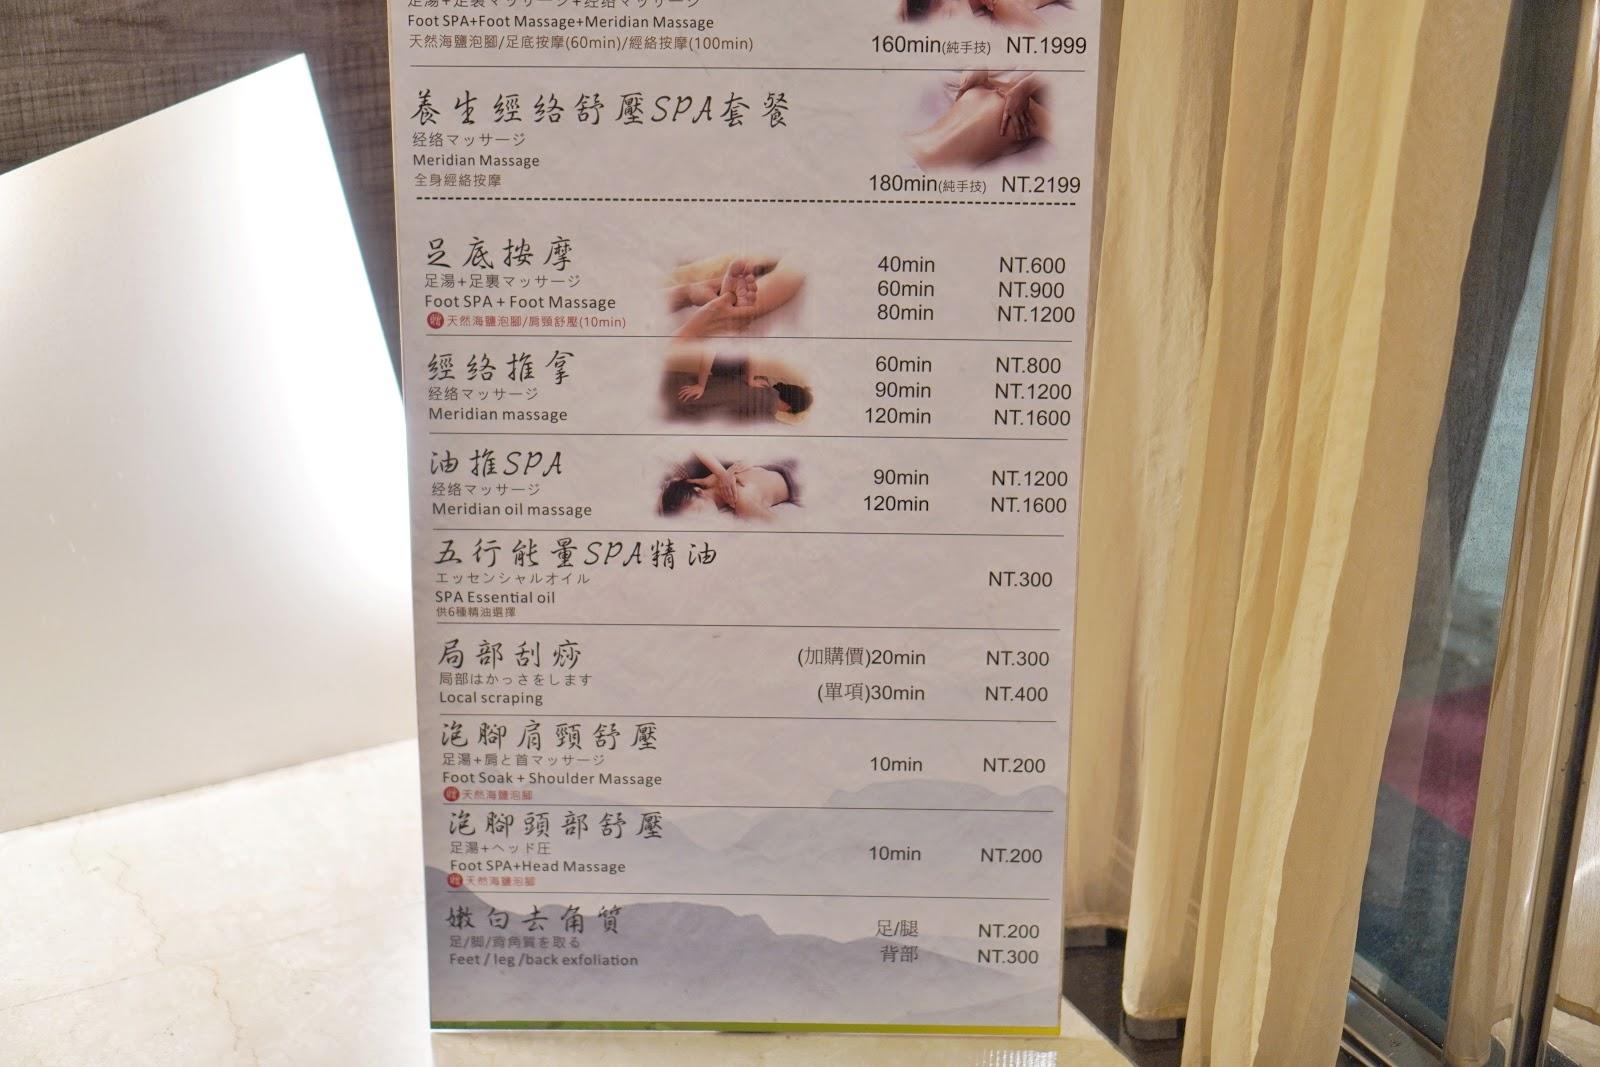 台南中西區按摩【綠海足體養生館】價位表